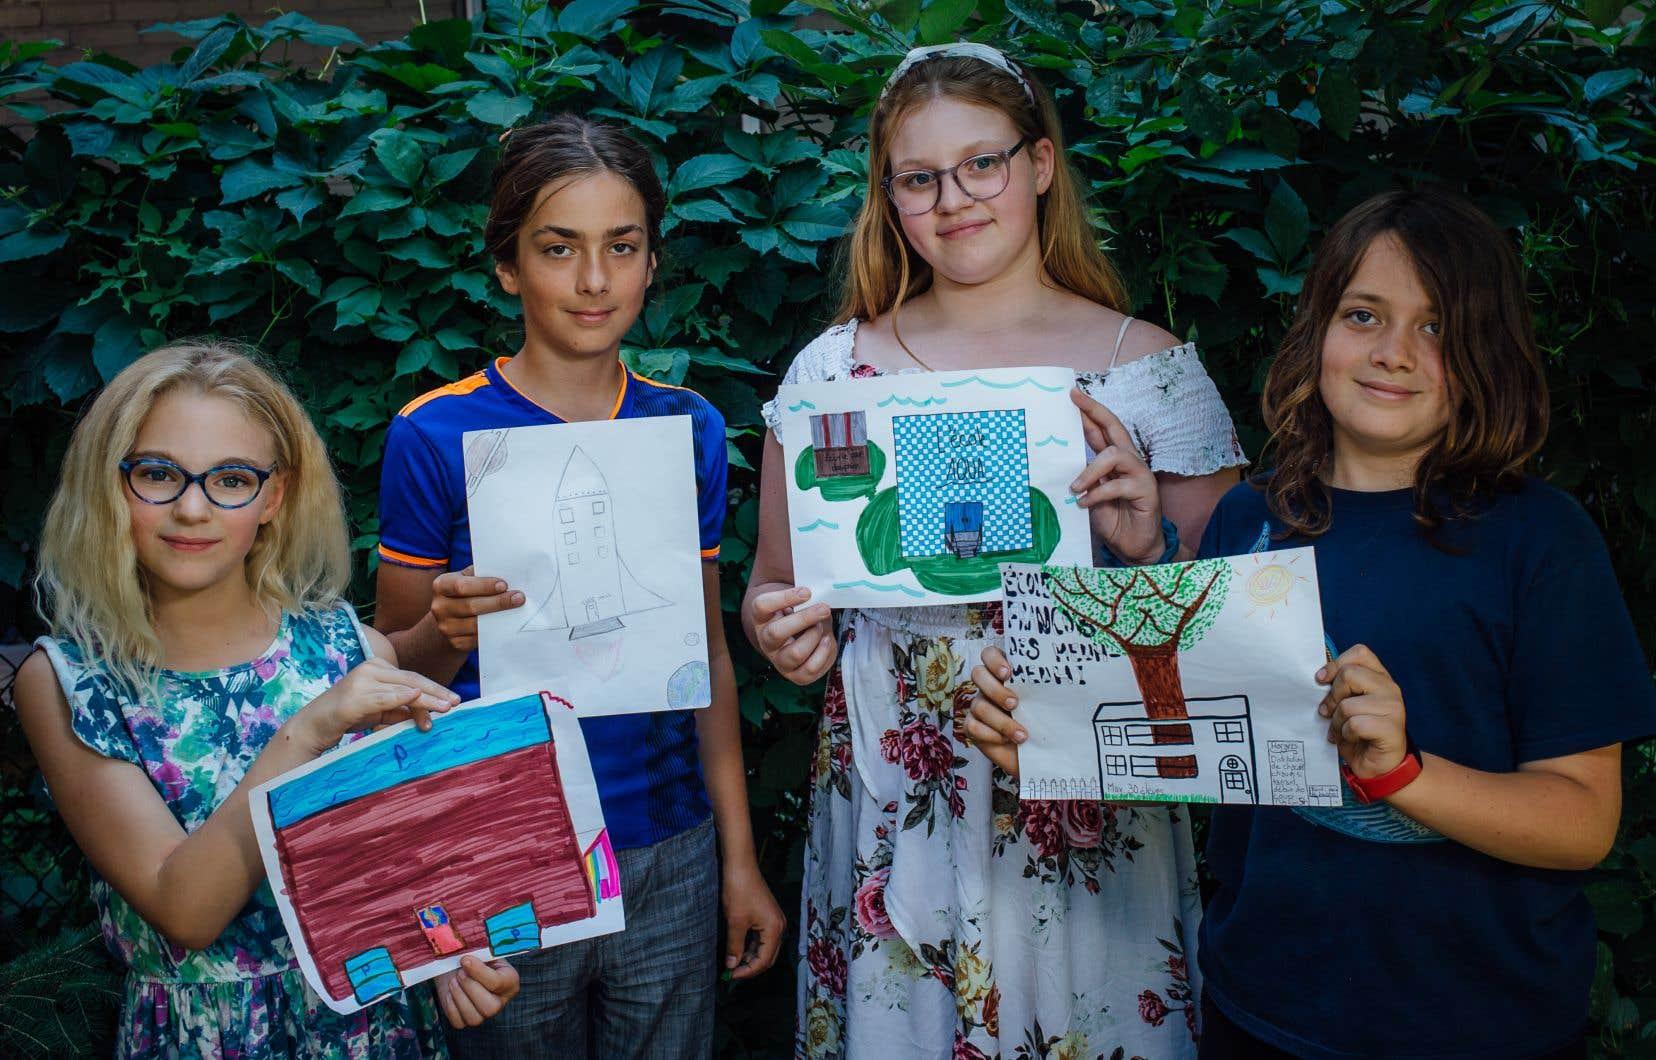 Ophélie, Sacha, Bianca et Félix ont réfléchi au cursus de rêve, à la forme des bâtiments scolaires, aux évaluations et à tout ce qui touche l'école idéale, avant de la représenter par un dessin.